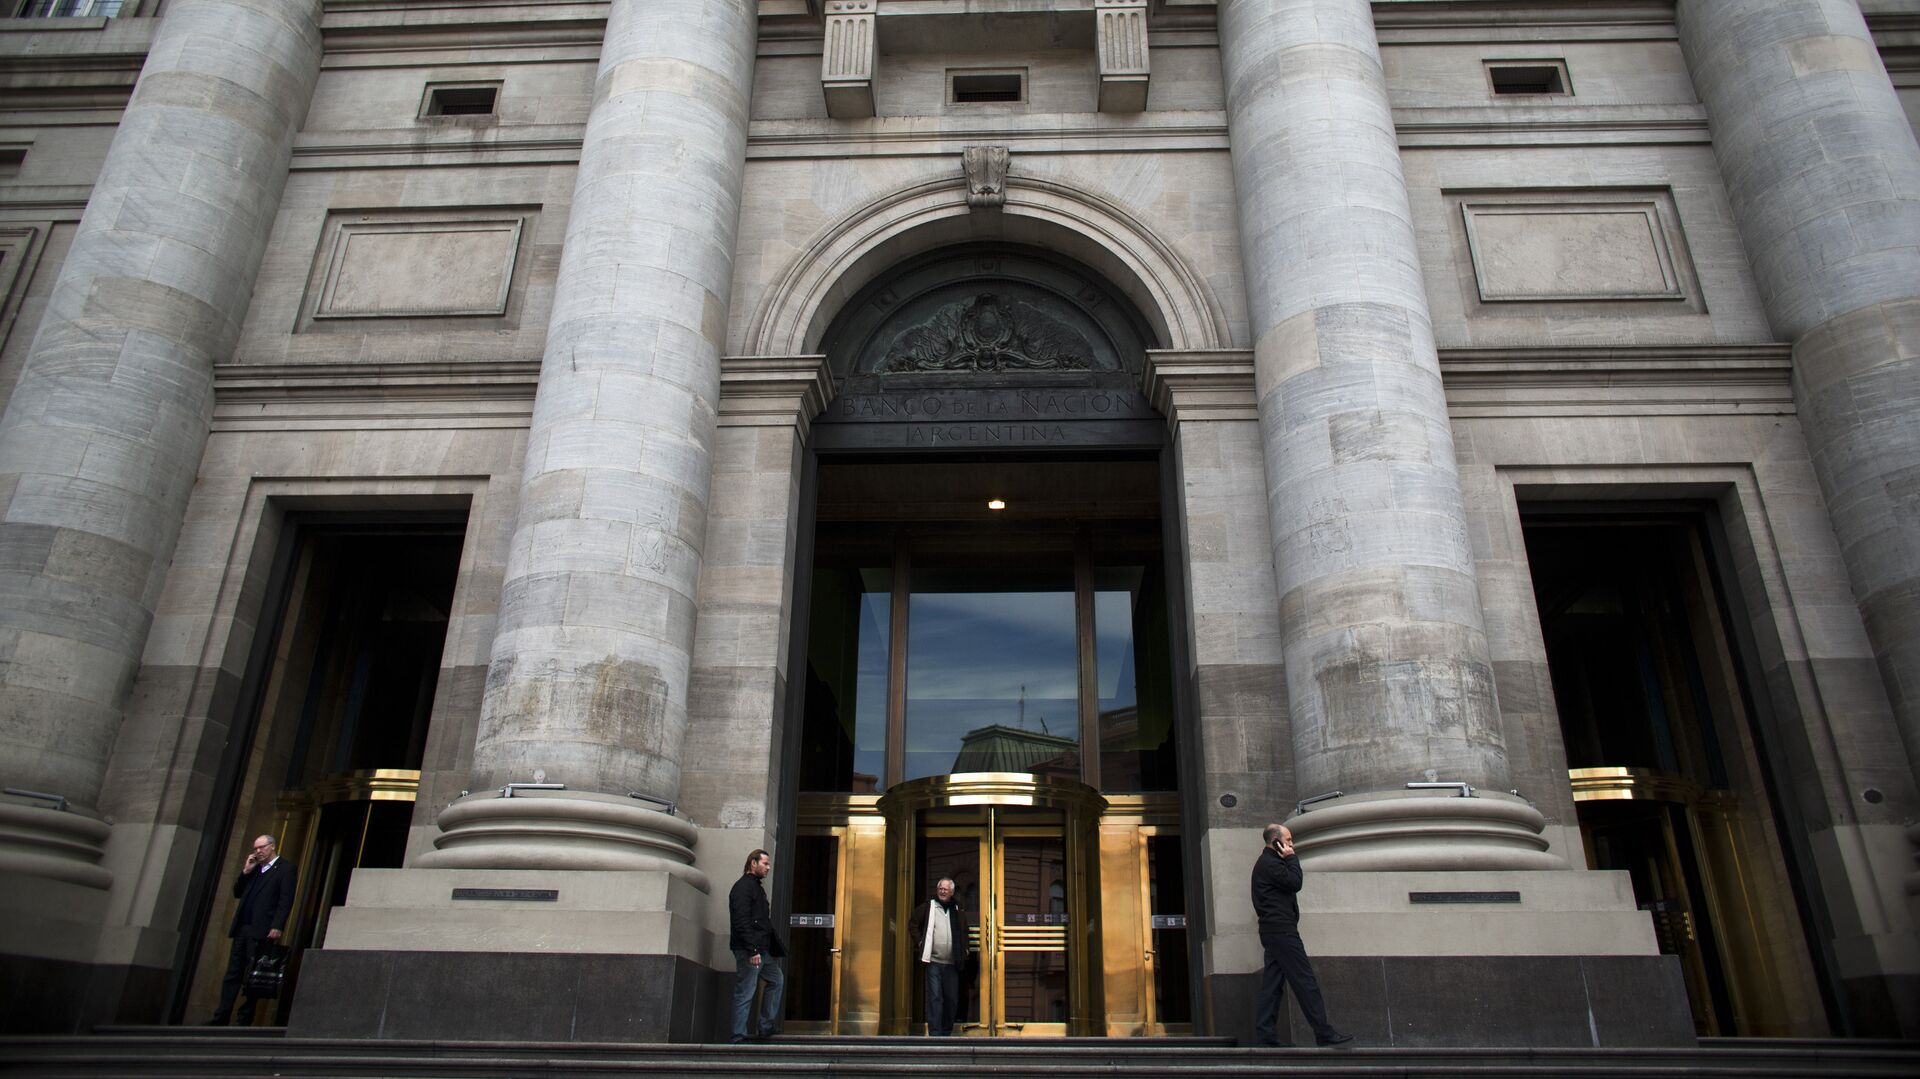 El banco central de Argentina en Buenos Aires - Sputnik Mundo, 1920, 10.09.2021